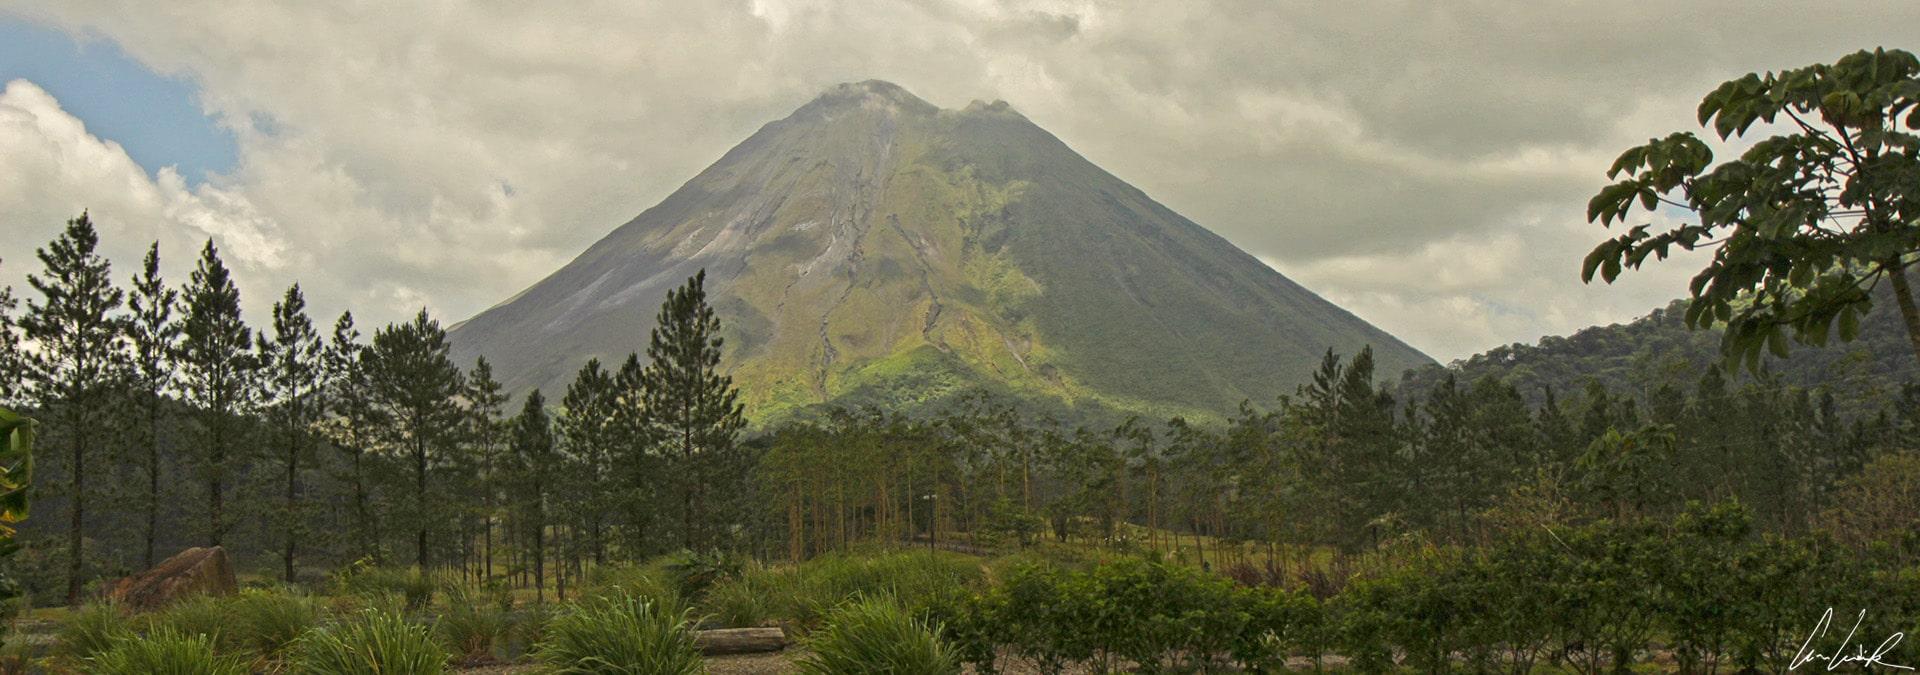 Découvrir la faune et la flore du parc national du Volcan Arenal